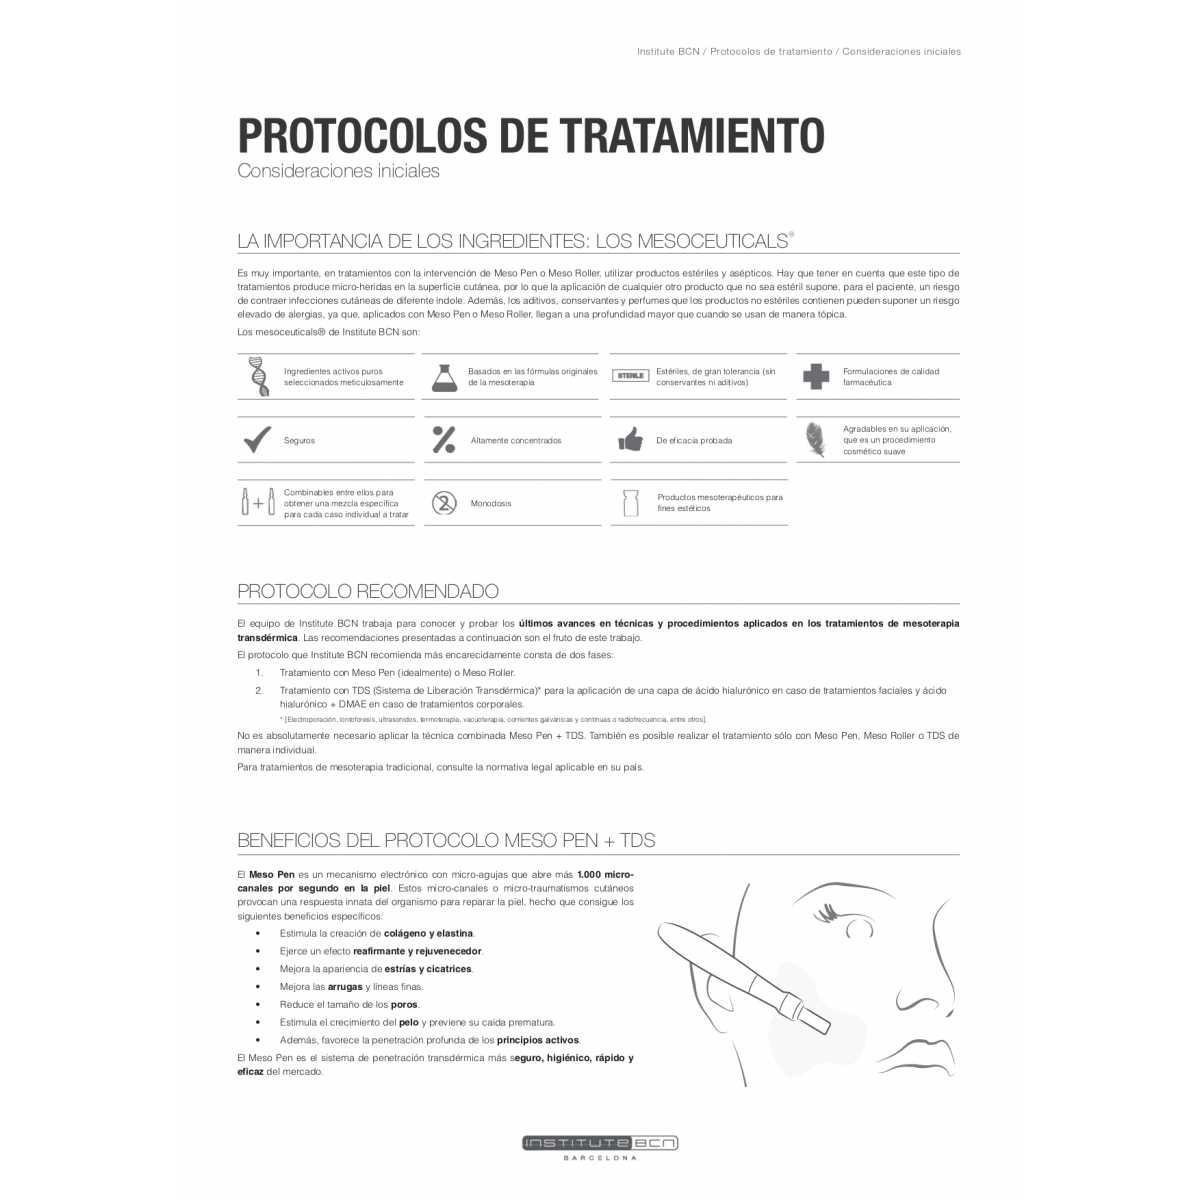 Fiale di acido ialuronico 3,5% - Principi attivi - Institute BCN